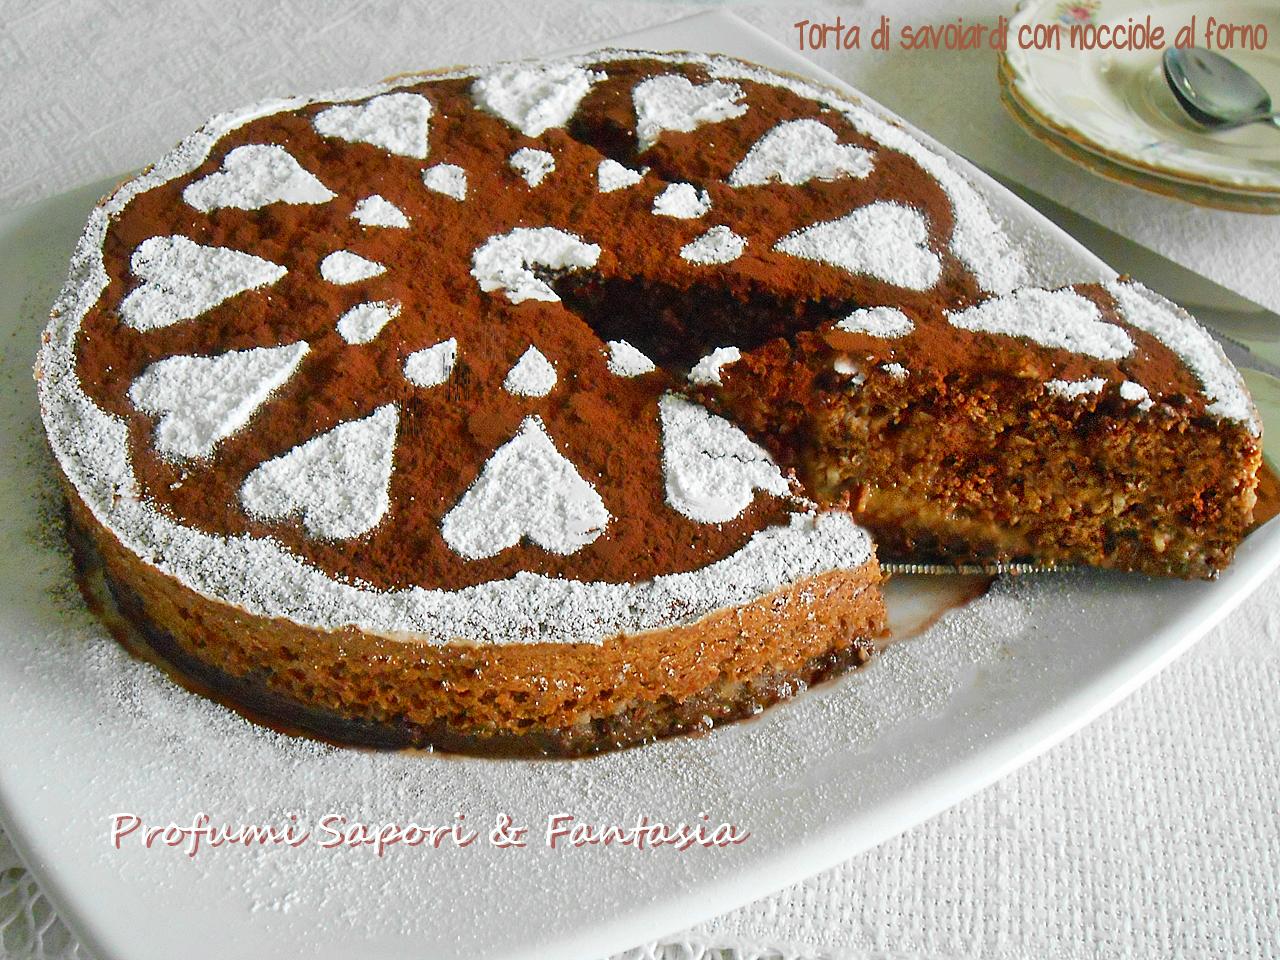 Torta di savoiardi e nocciole al forno senza farina ne lievito - Forno microonde e tradizionale insieme ...